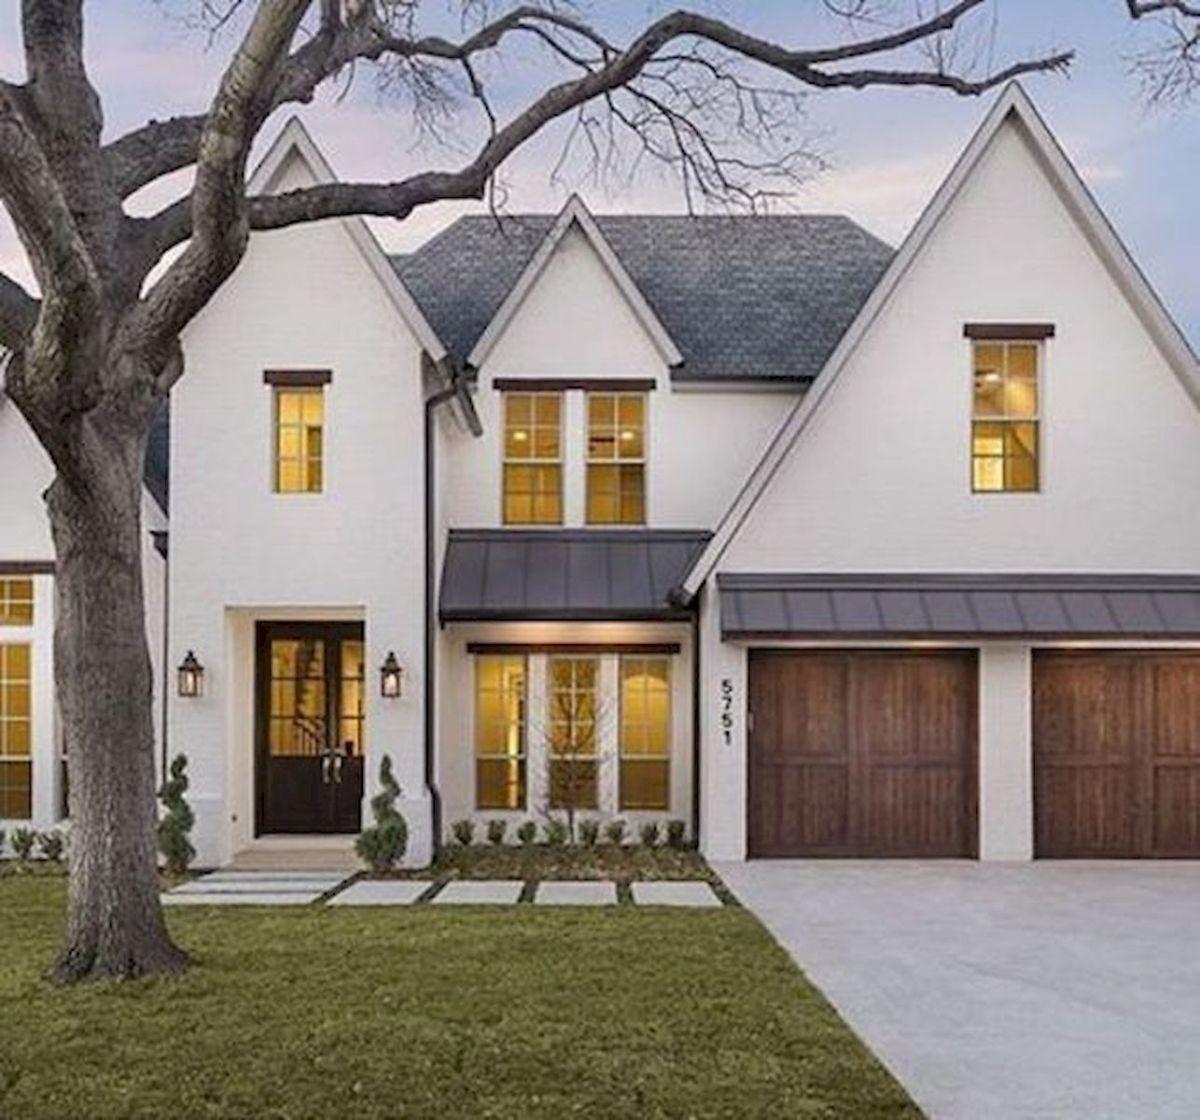 Modern Home Exterior Design Ideas 2017: 33 Best Modern Farmhouse Exterior House Plans Design Ideas